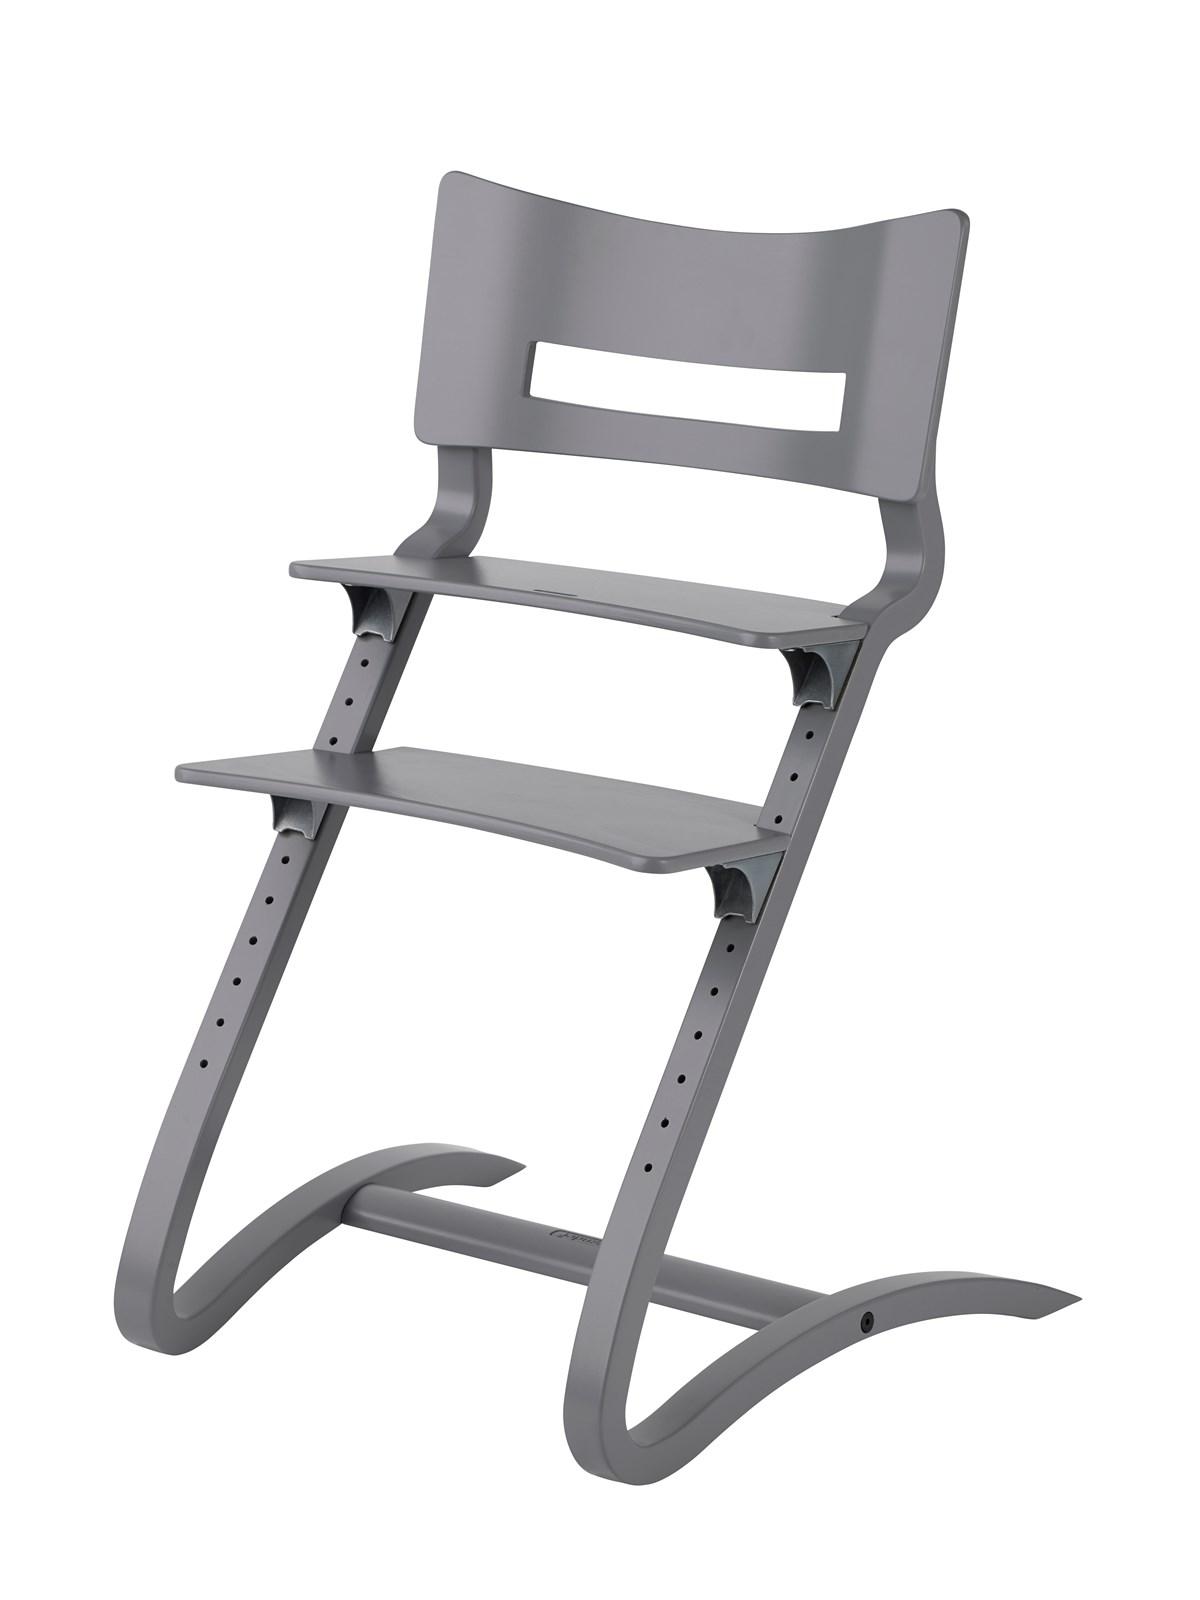 Leander højstol u/bøjle - grå, 2 stk. på lager fra Leander på pixizoo